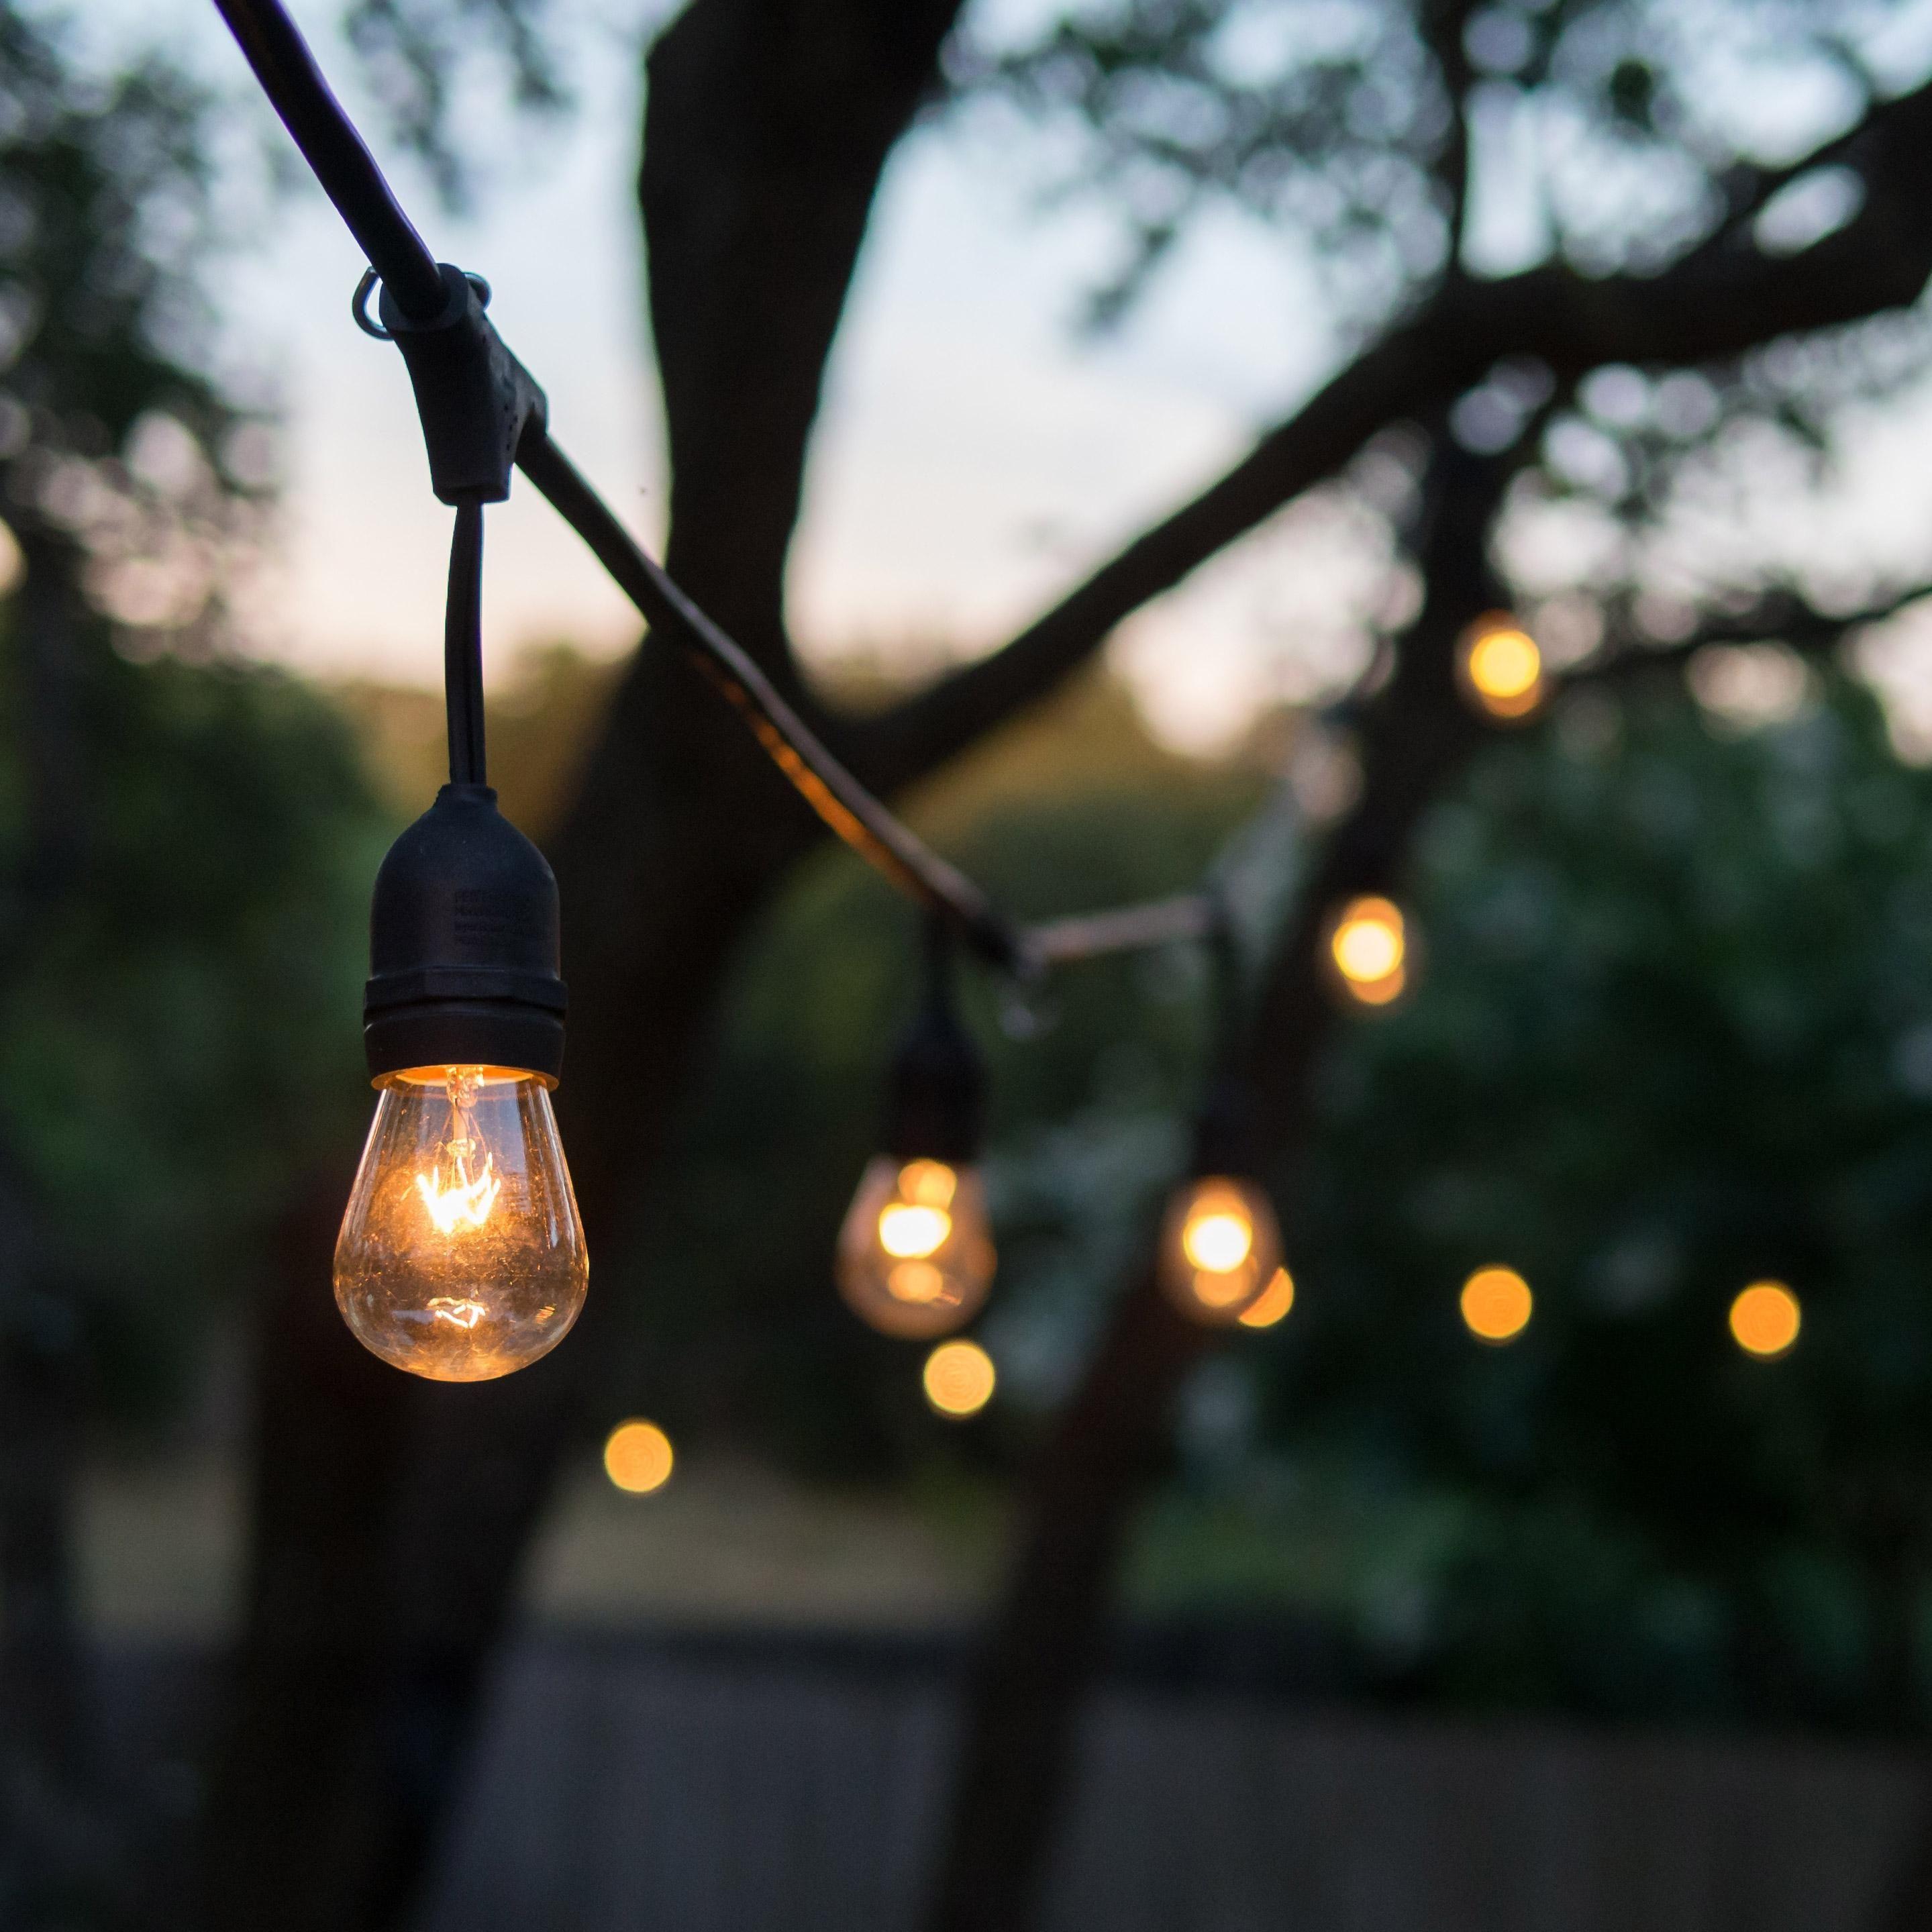 Guirlande Exterieure E27 10 Ampoules Blanc Chaud 96 Lumen Mafy Lumisky Leroy Merl Guirlande Exterieur Jeux De Lumiere Exterieures Guirlande Solaire Exterieur